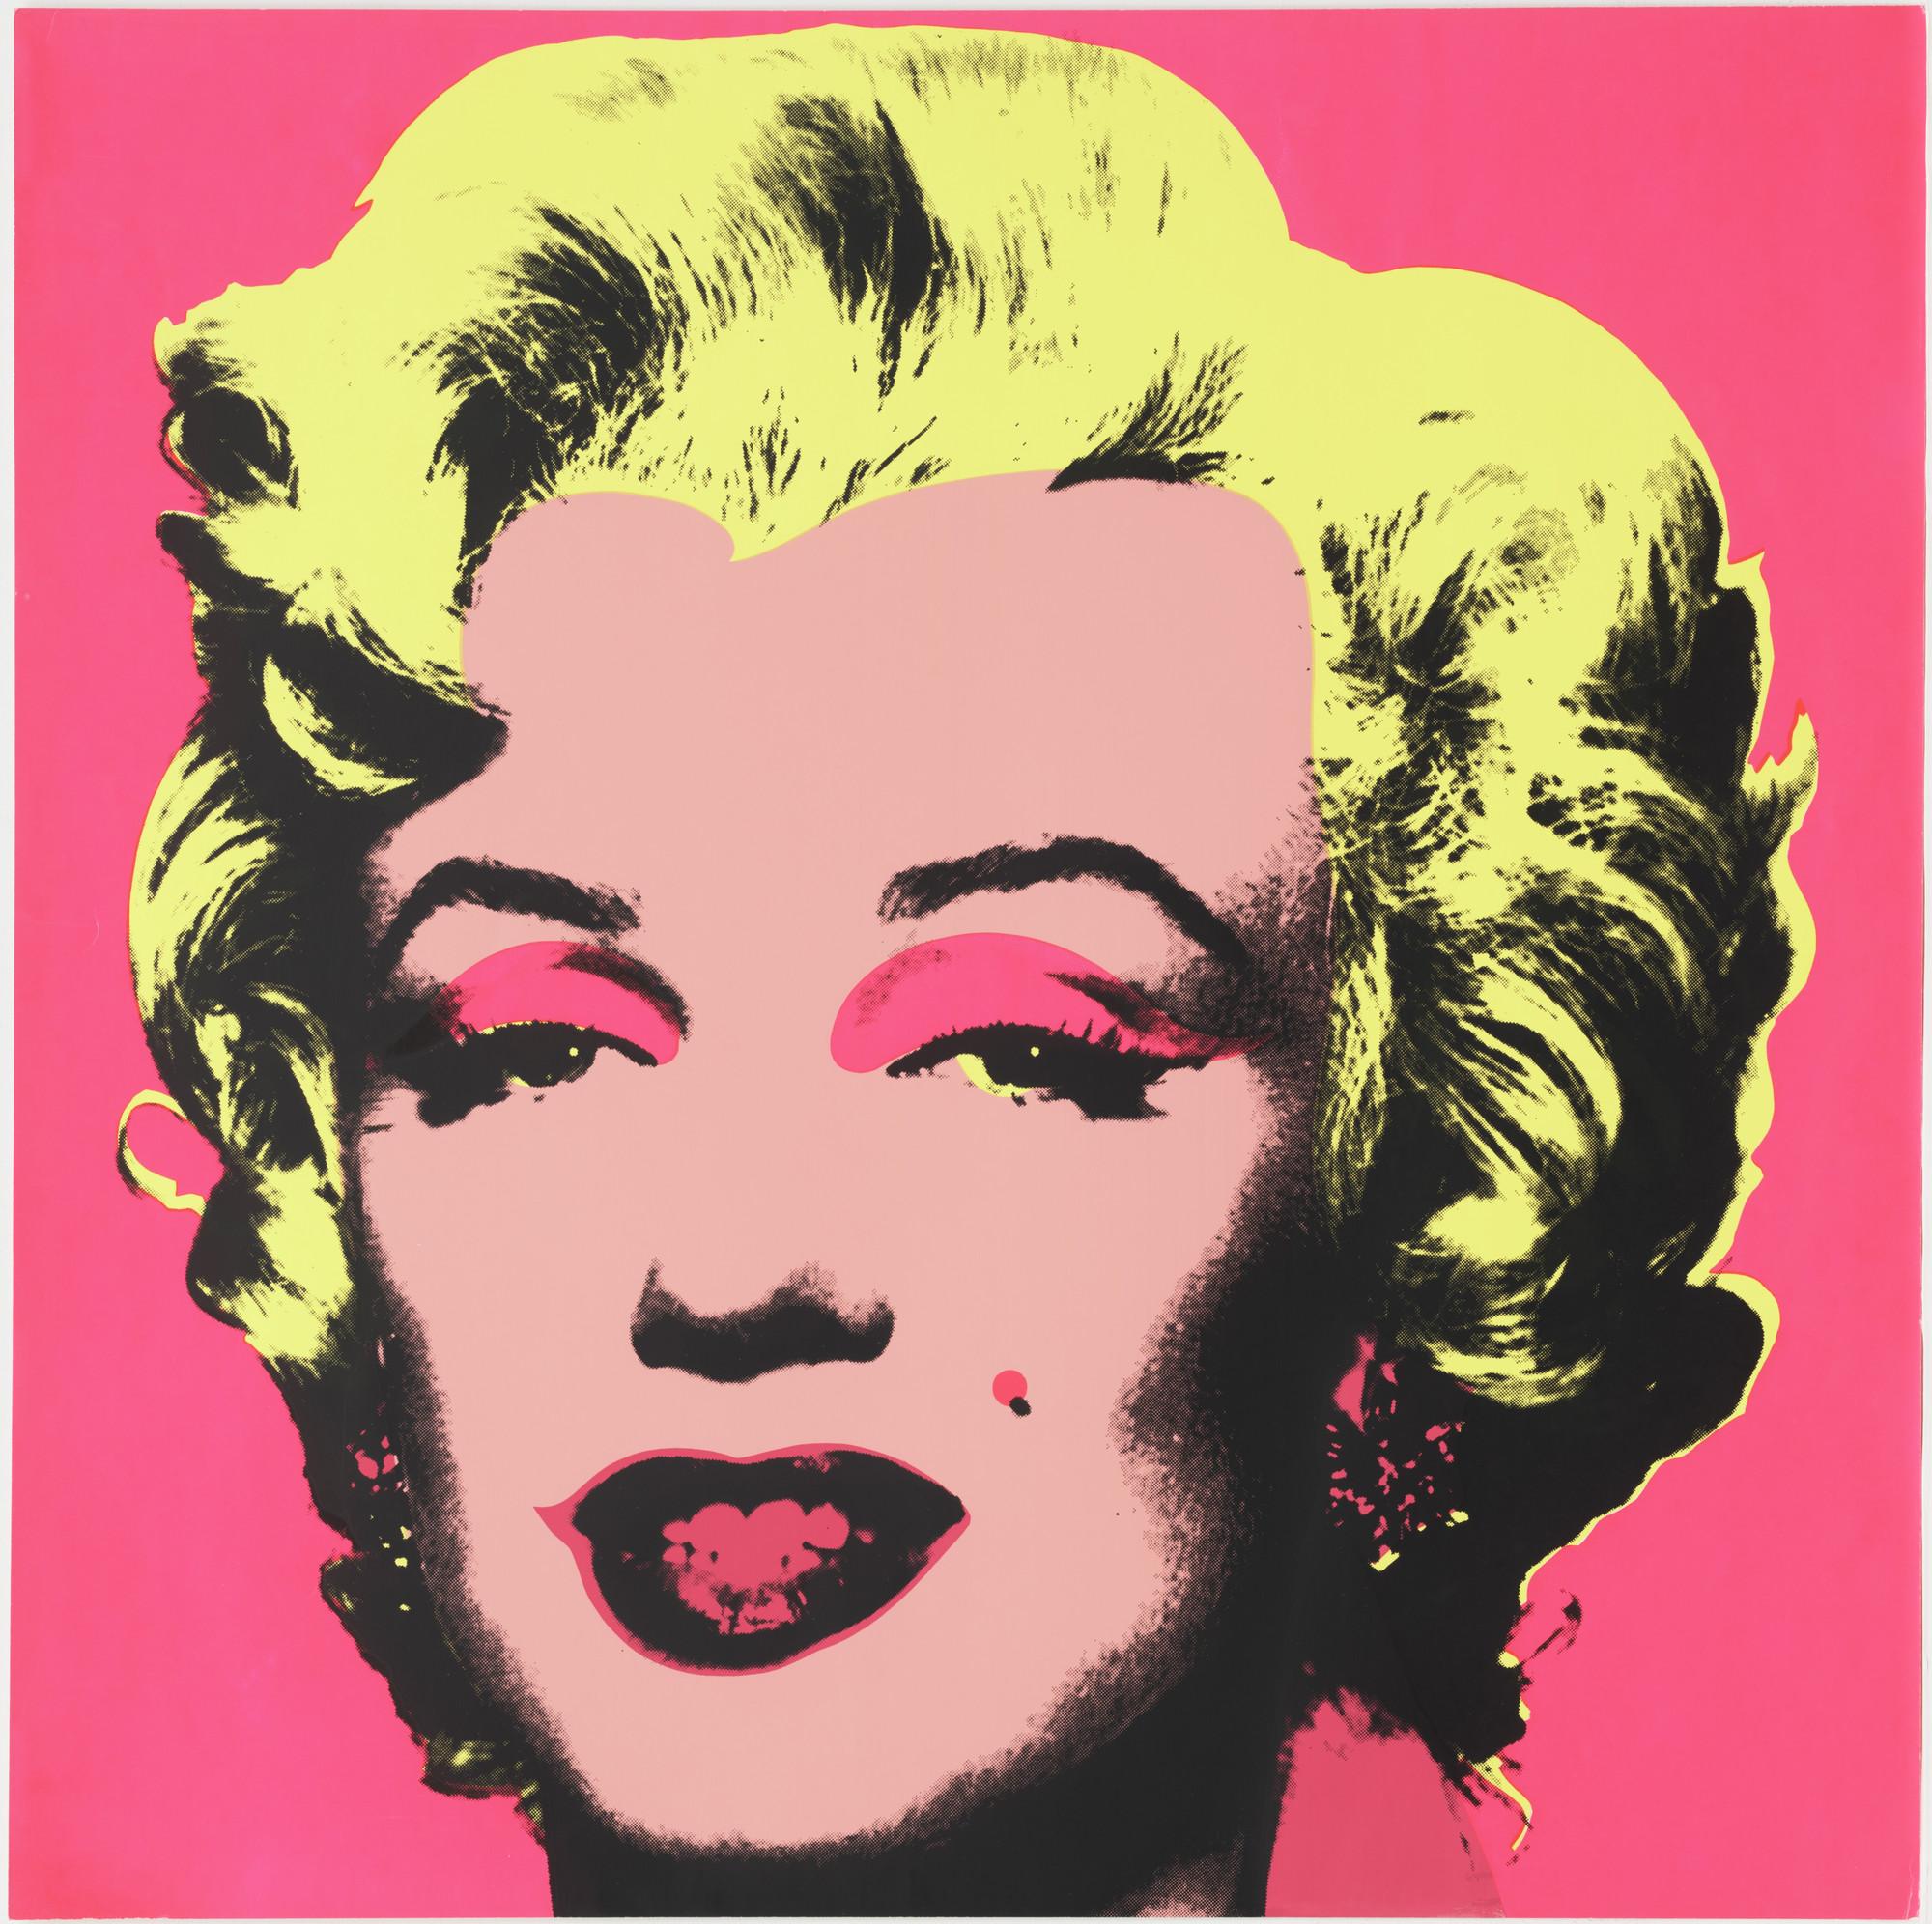 Andy Warhol Marilyn Monroe 1967 Moma